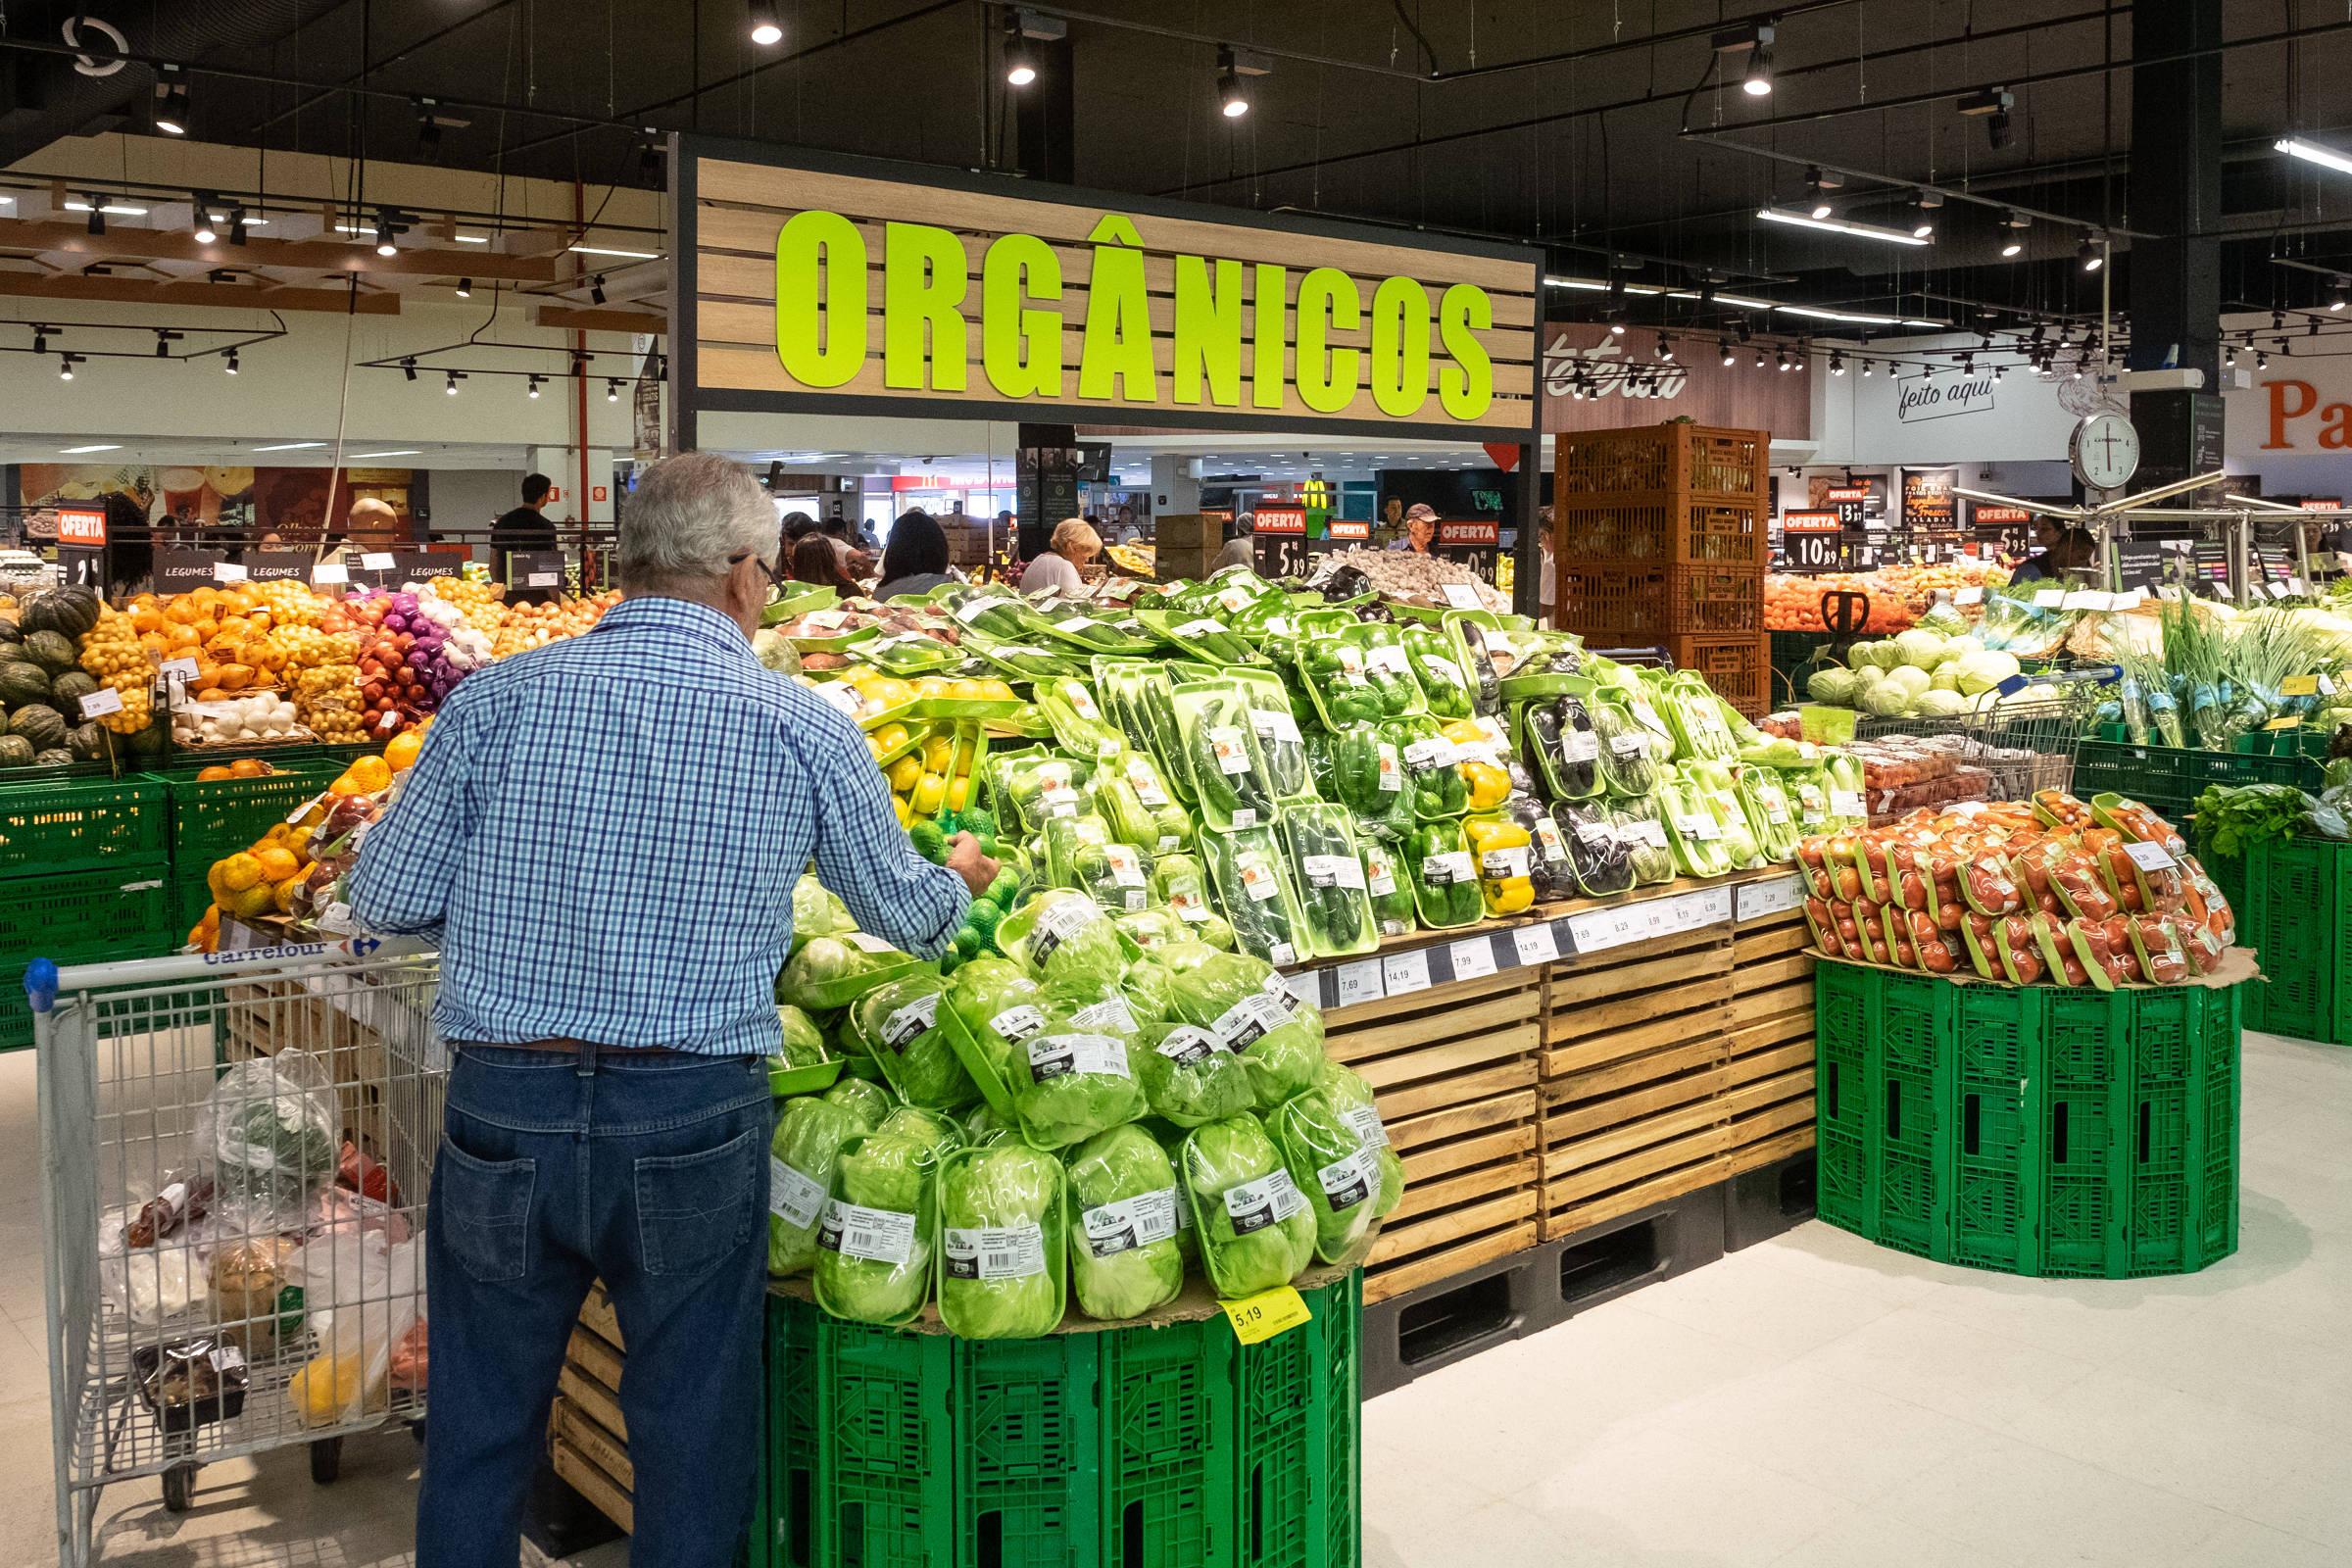 5c1c60b1b Alimentação saudável é foco de nova iniciativa do Carrefour - 01/10/2018 -  Mercado - Folha